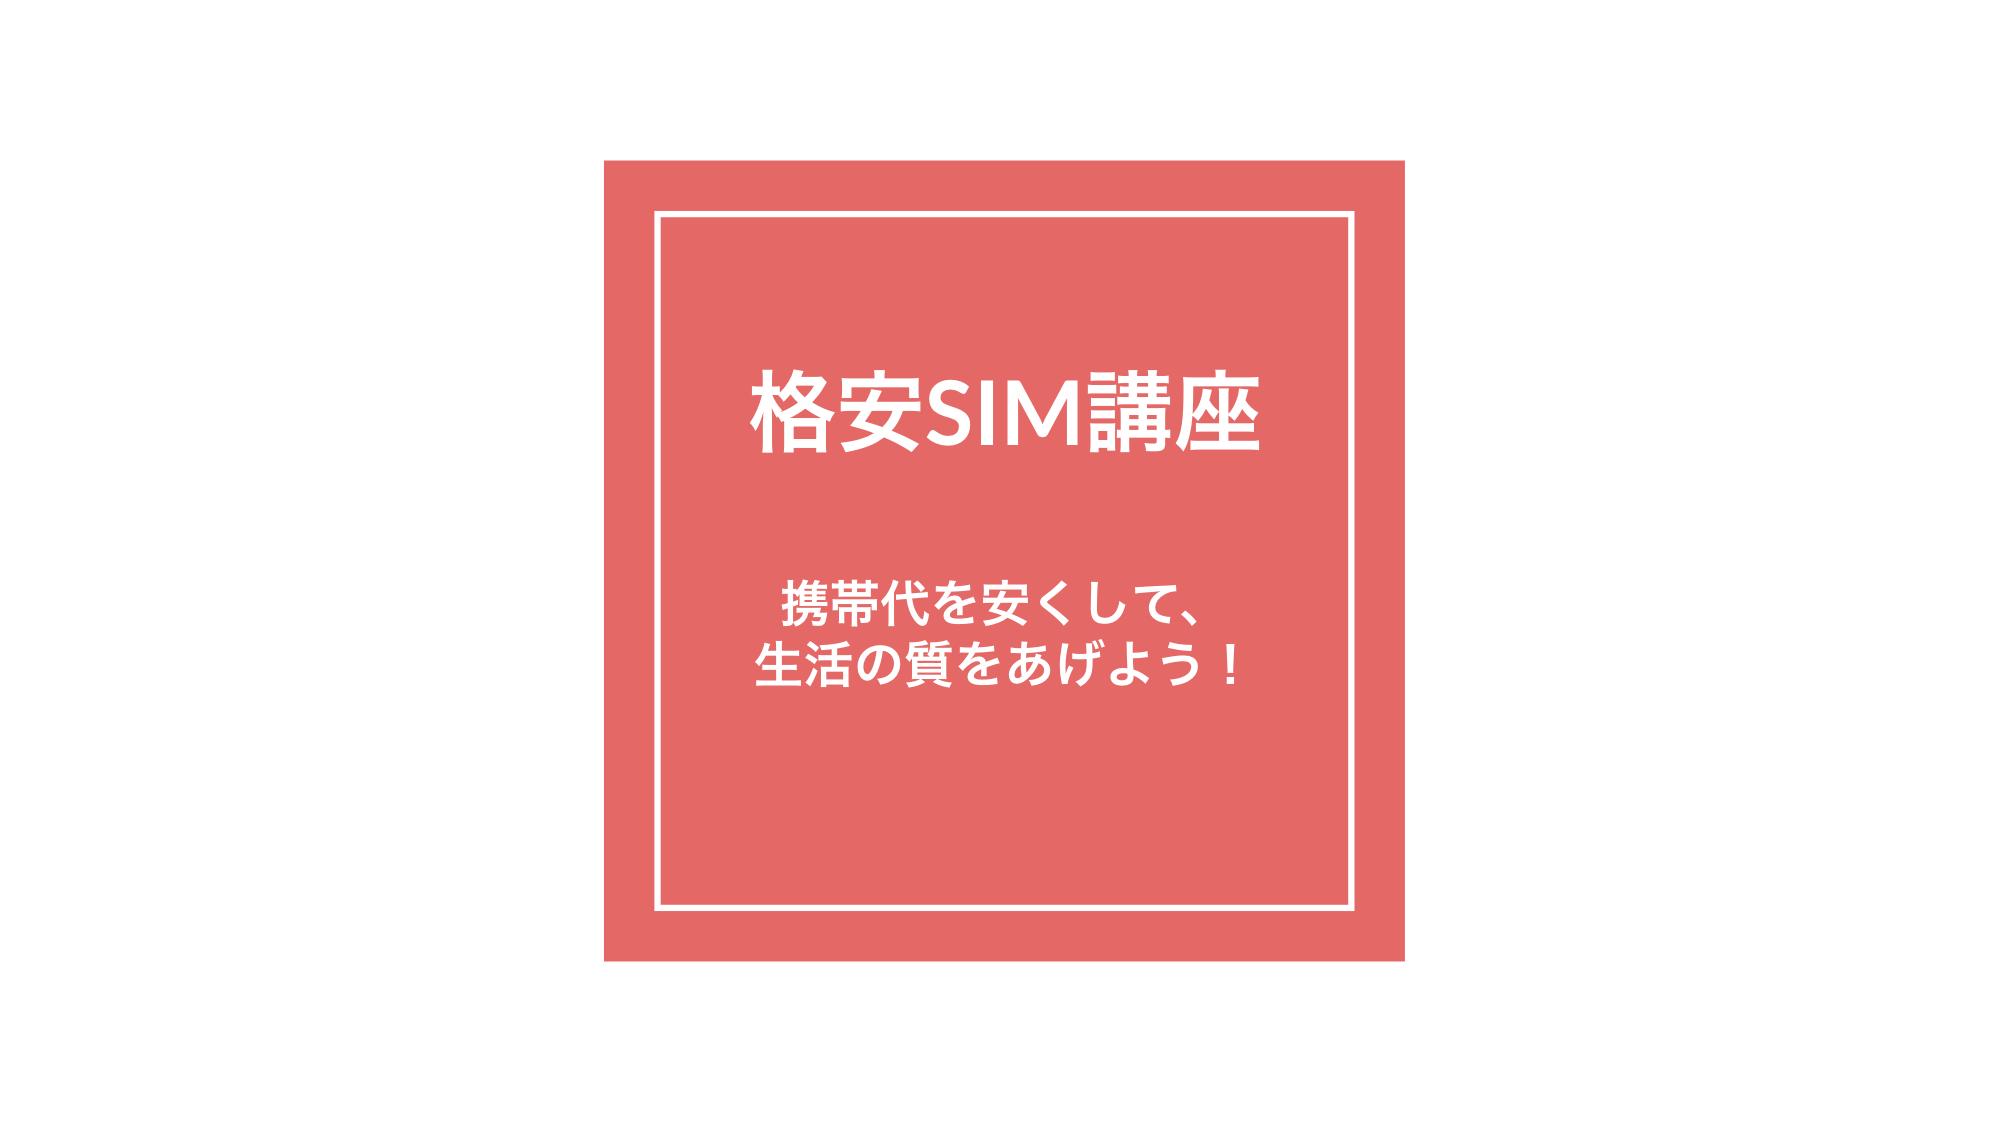 格安SIM講座の専用ページ